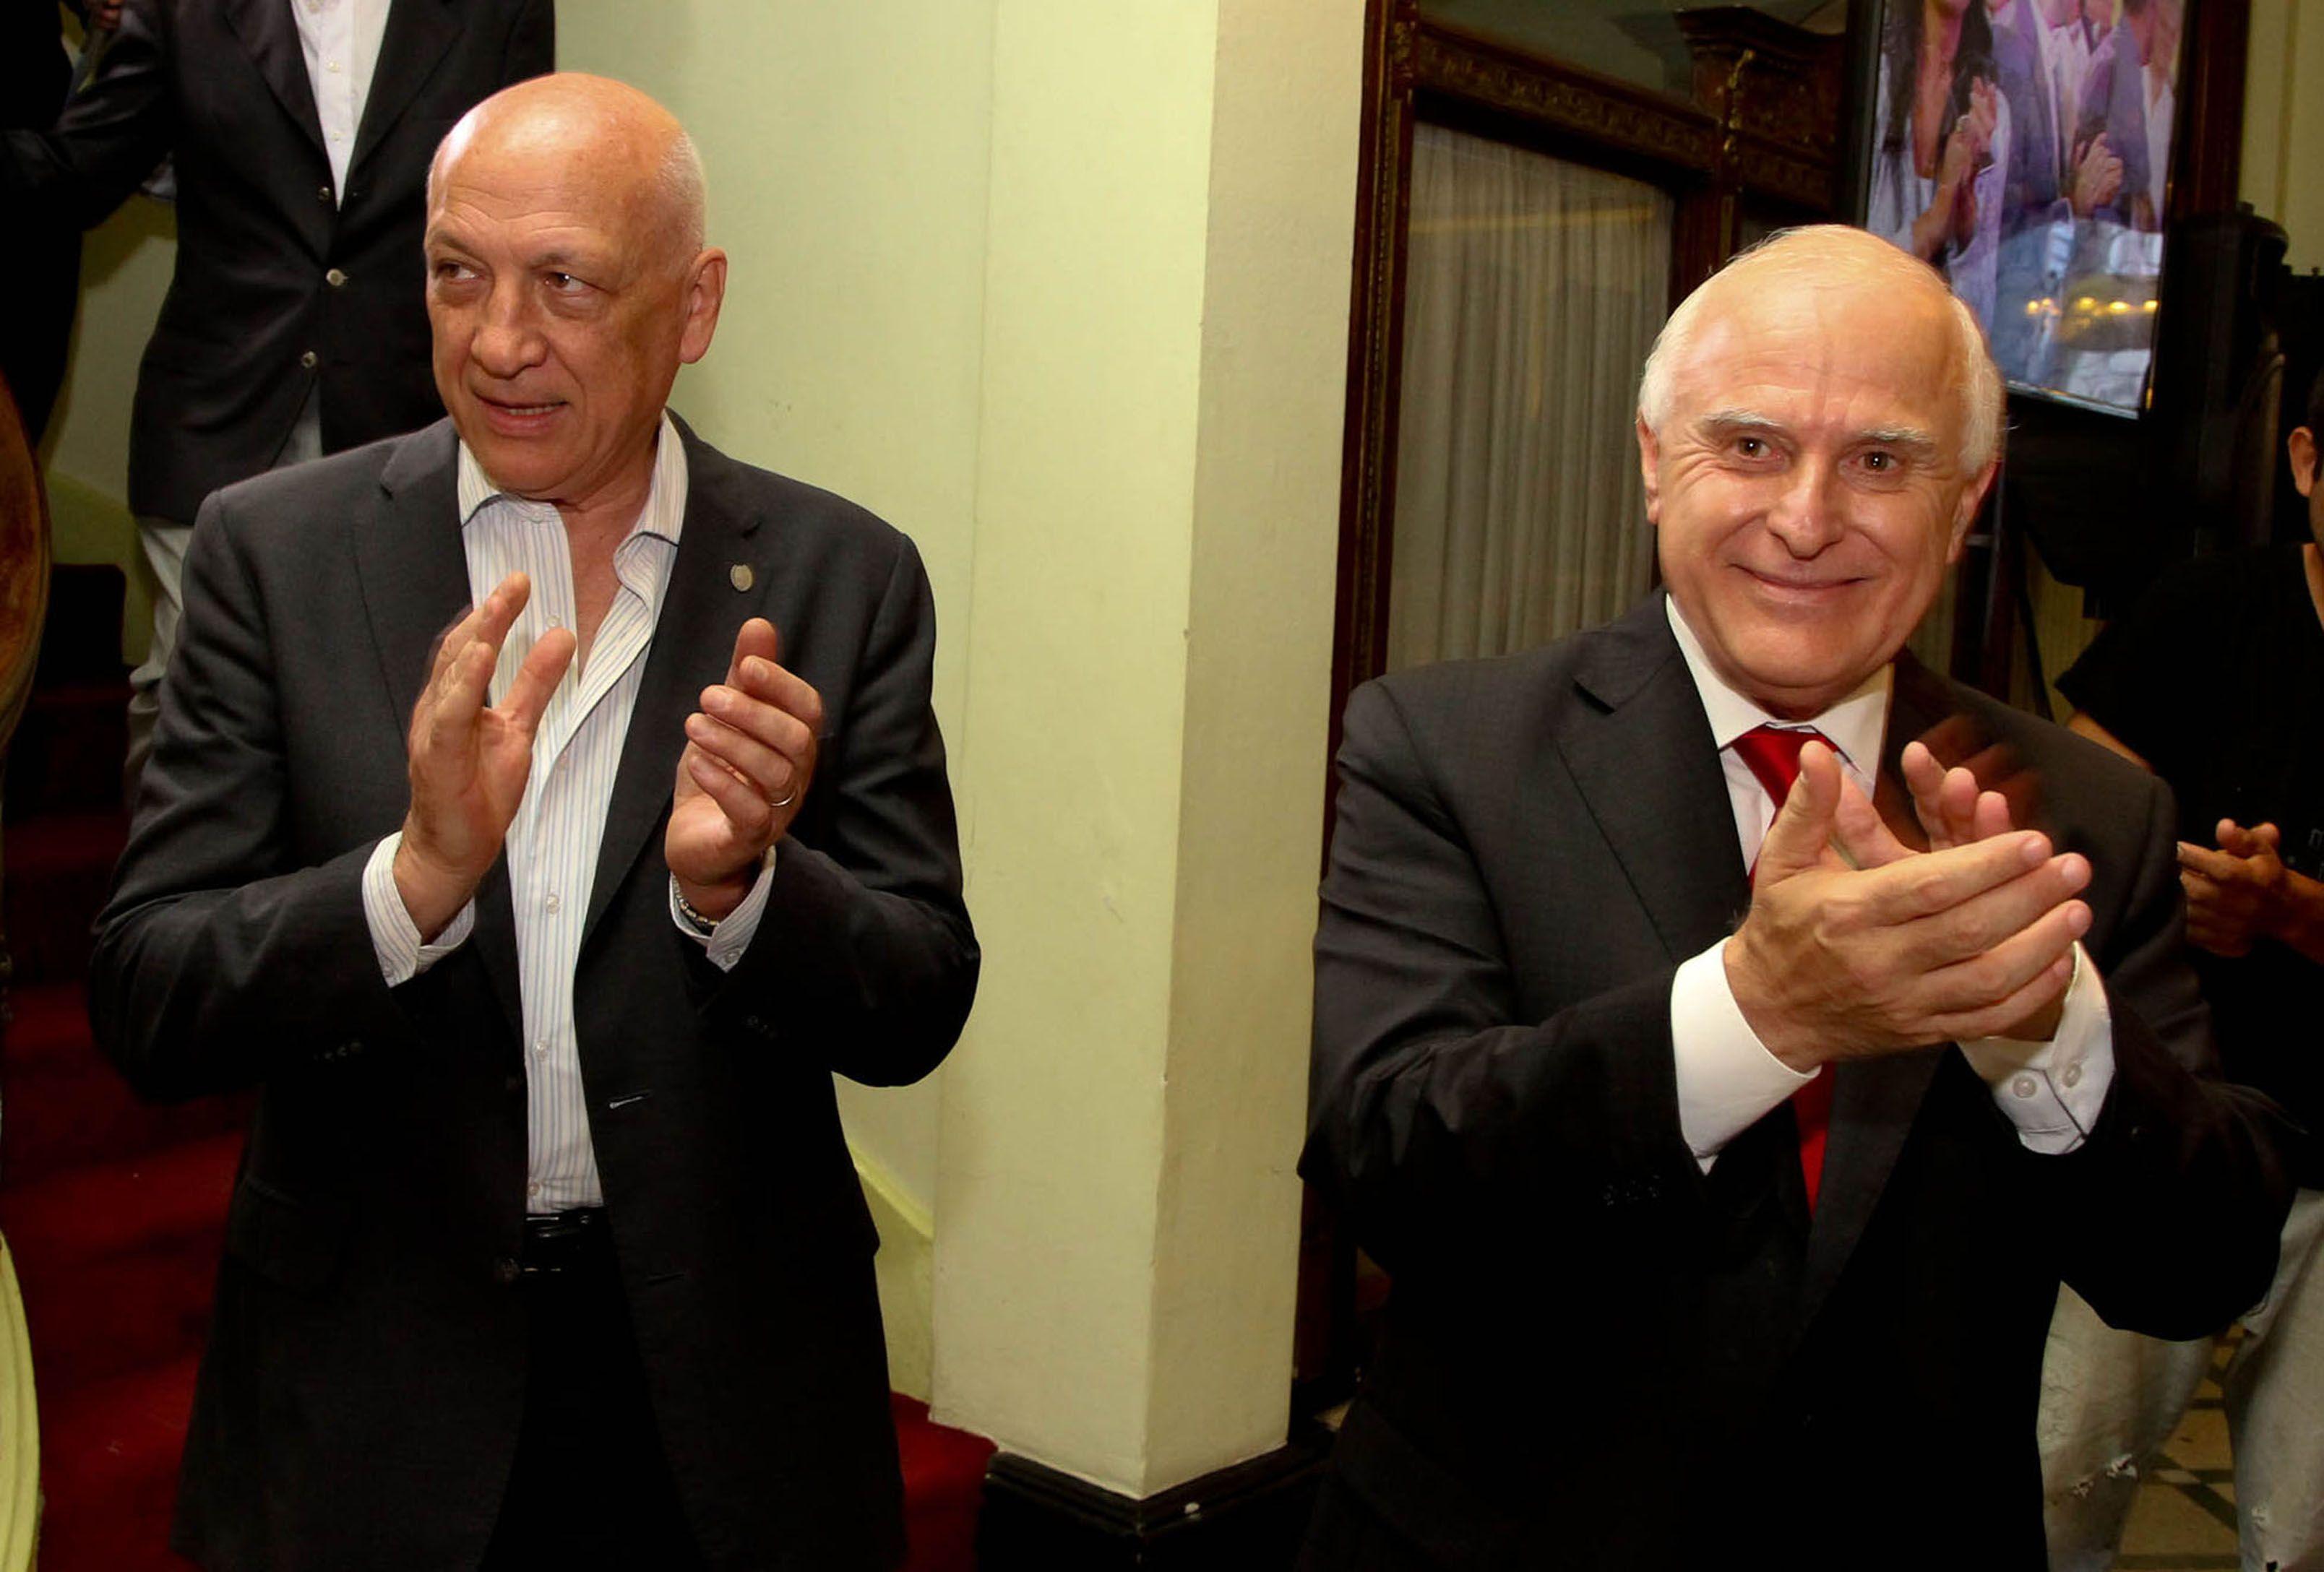 El gobernador pidió prudencia para evaluar las nuevas gestiones. Bonfatti no es optimista con Macri.